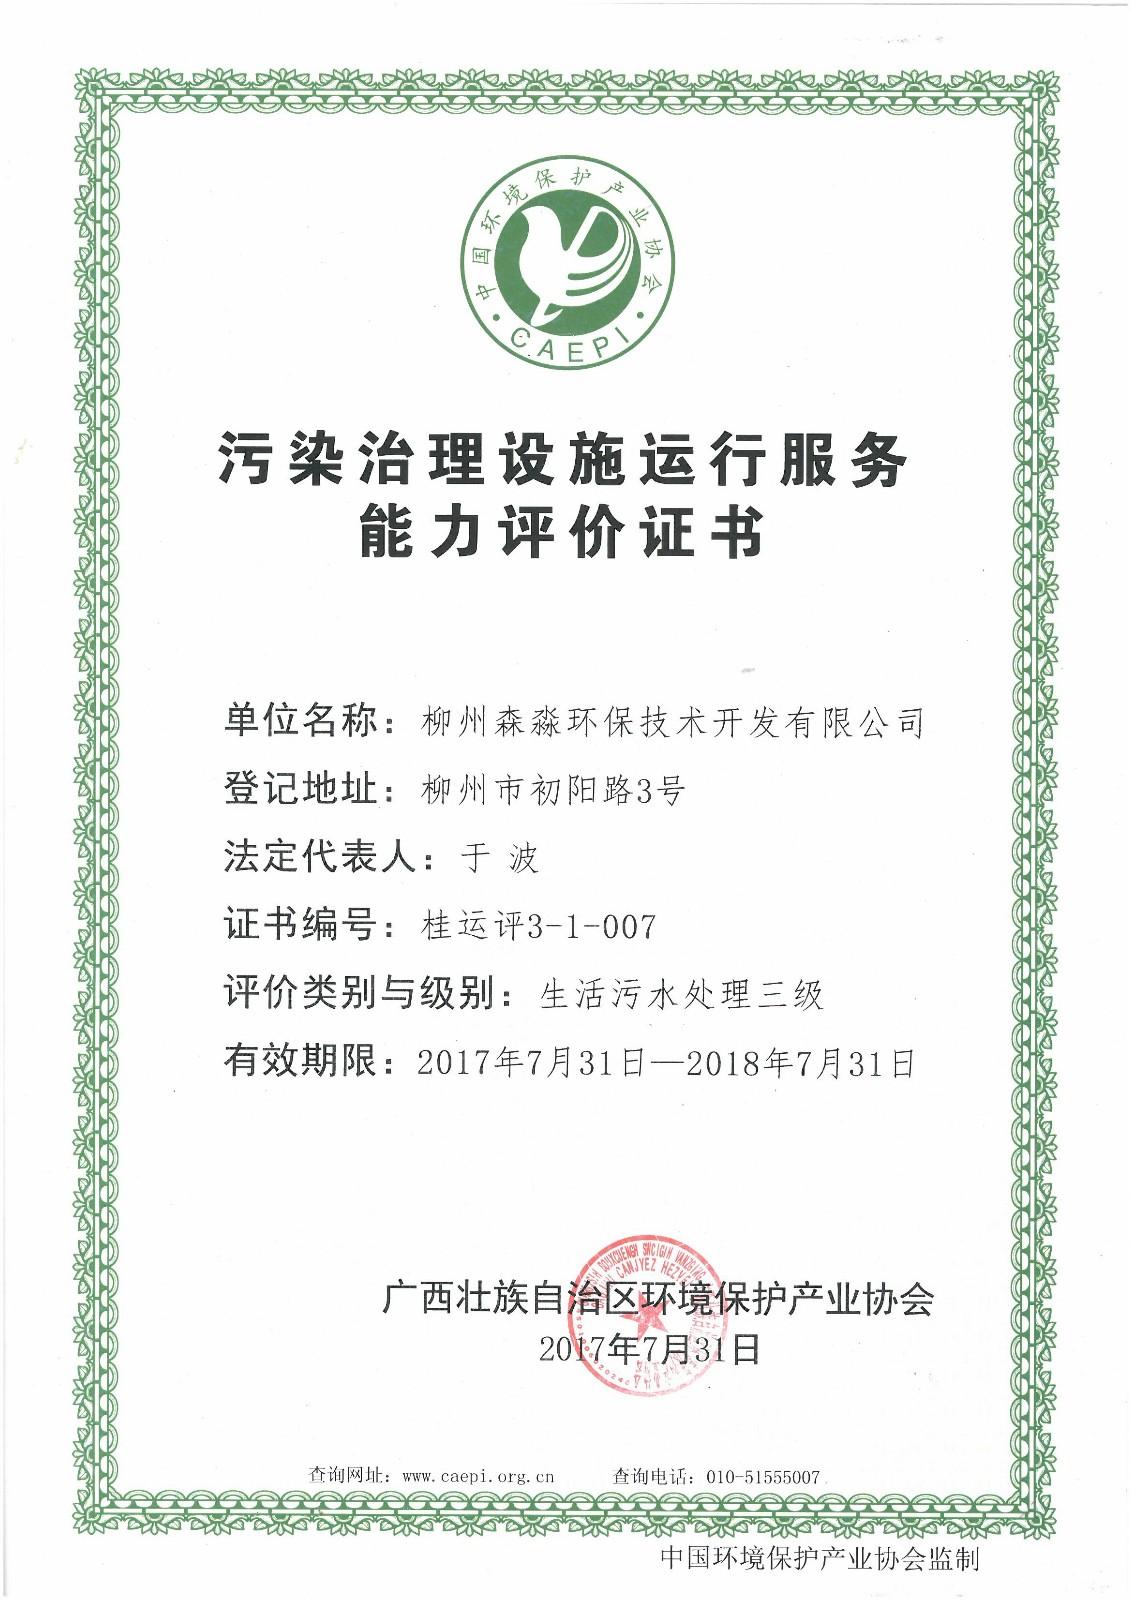 生活污水处理设施运营三级证书.jpg